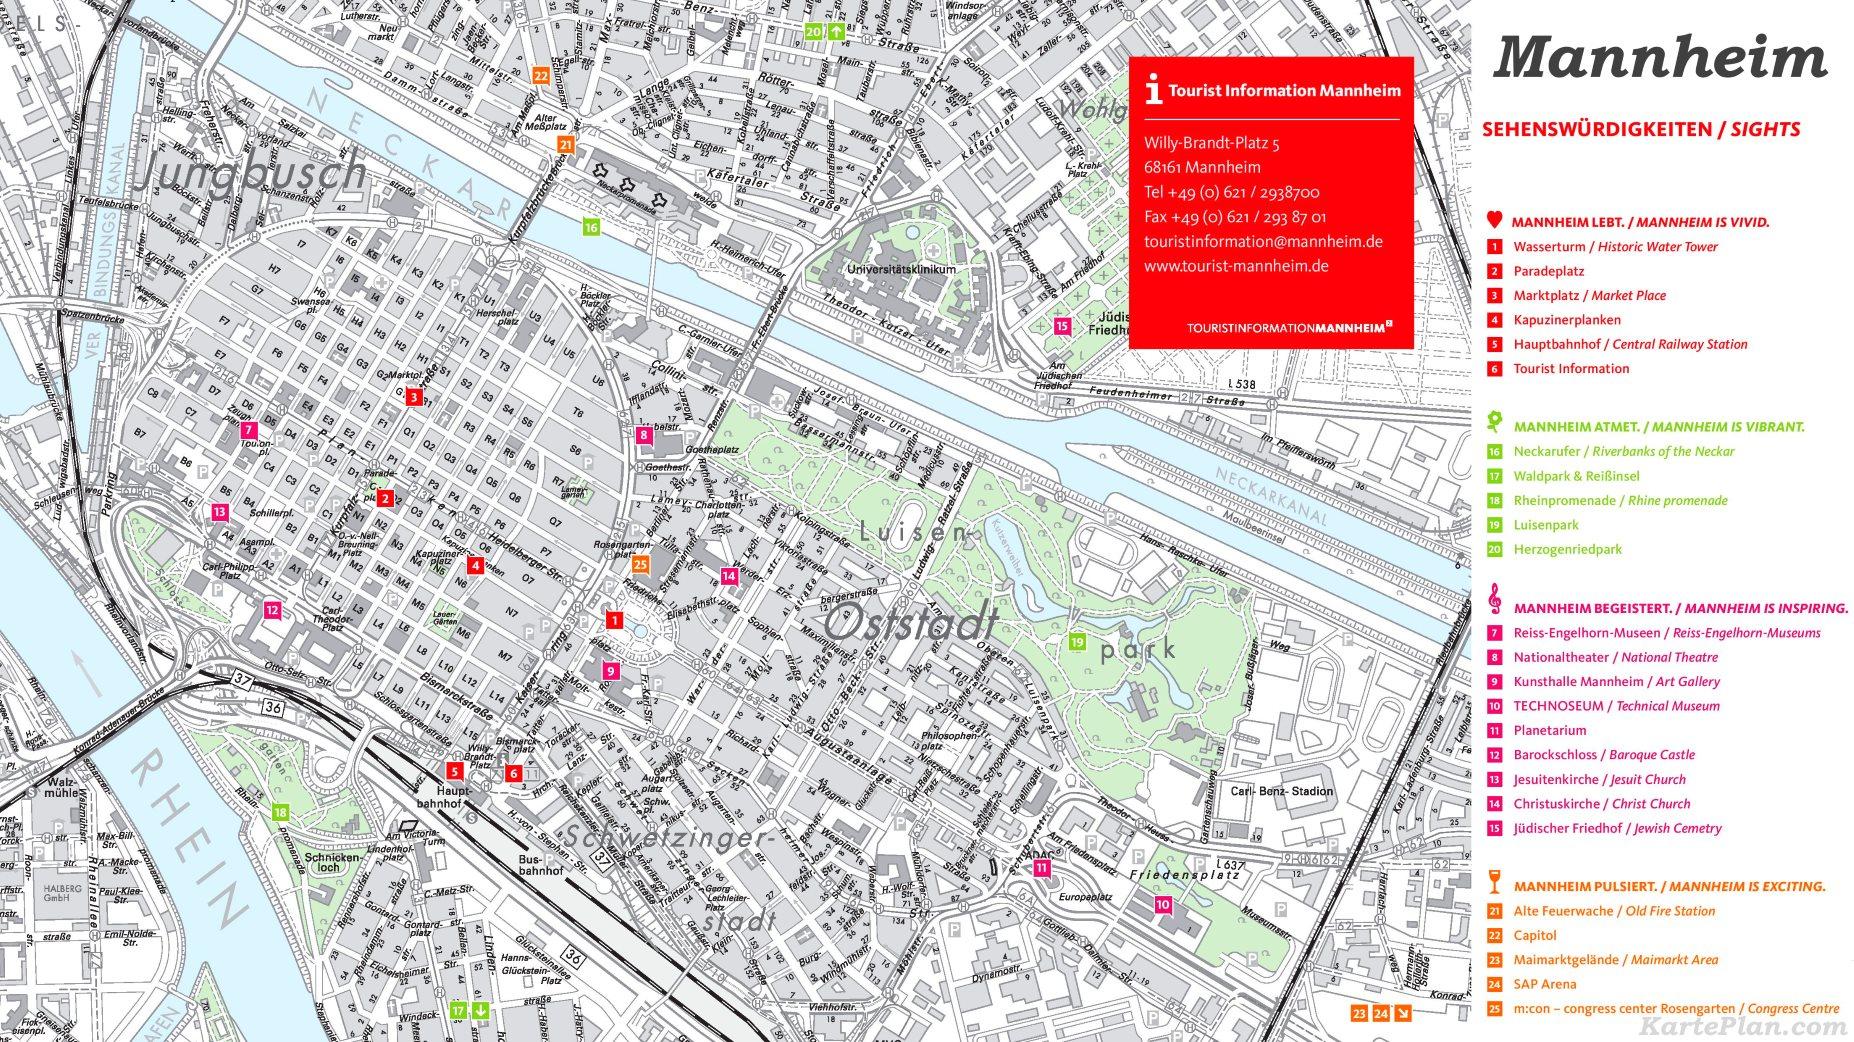 Mannheim Bundesland Karte.Stadtplan Mannheim Mit Sehenswürdigkeiten